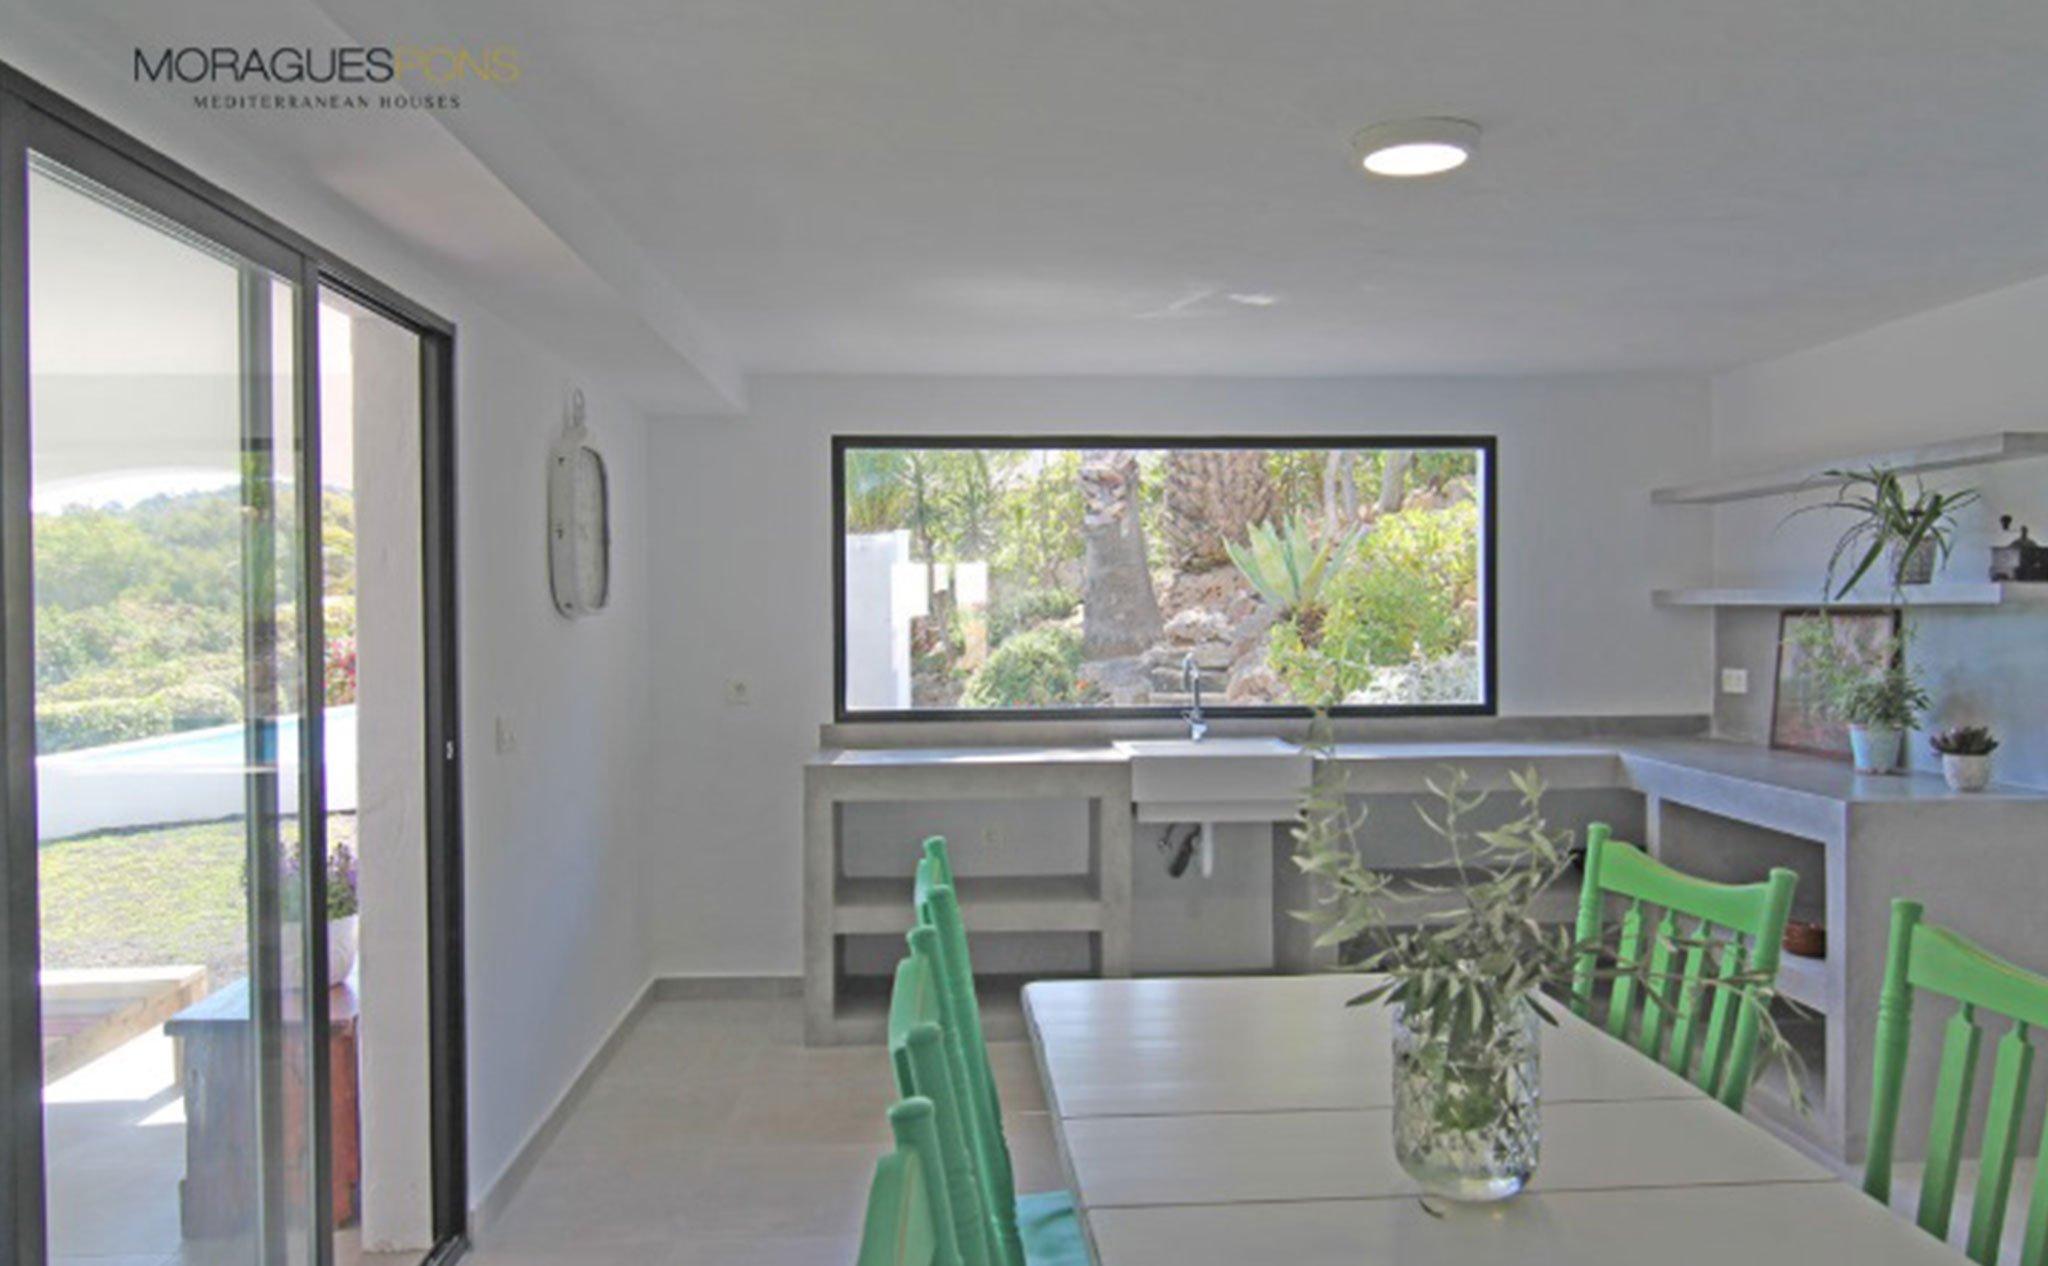 Planta inferior de una casa en venta o alquiler en Jávea – MORAGUESPONS Mediterranean Houses